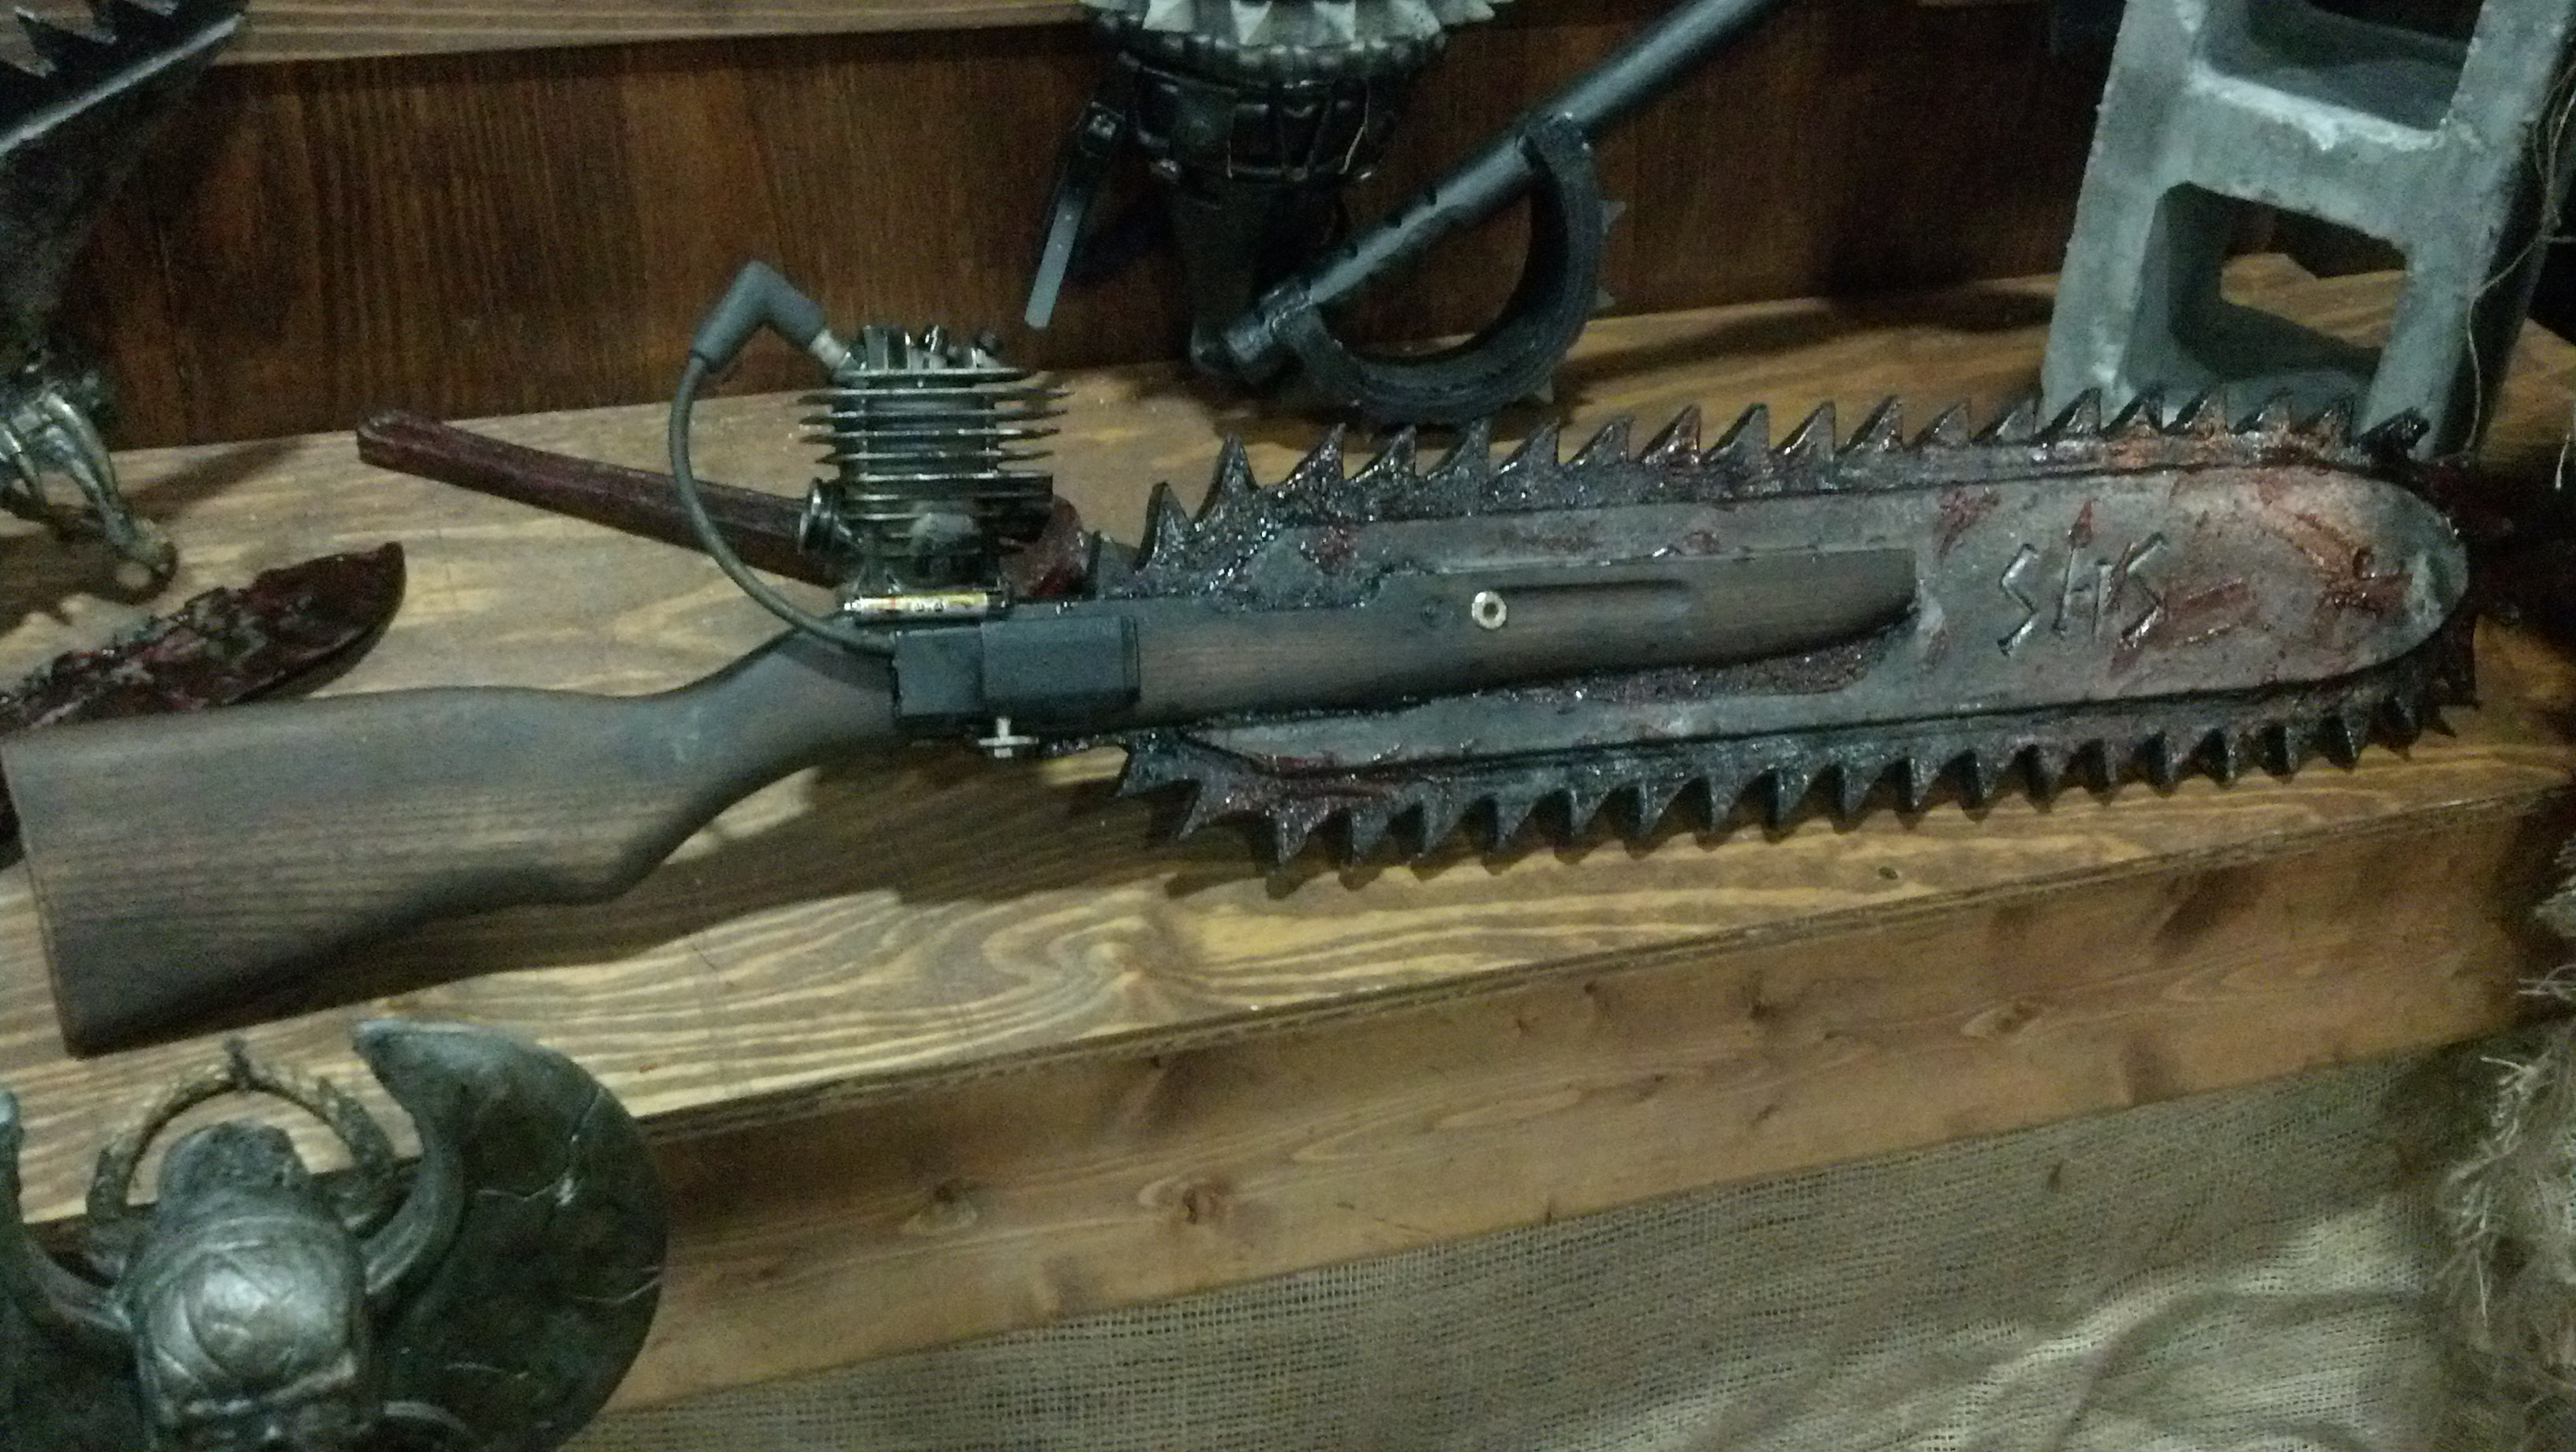 GUN SAW